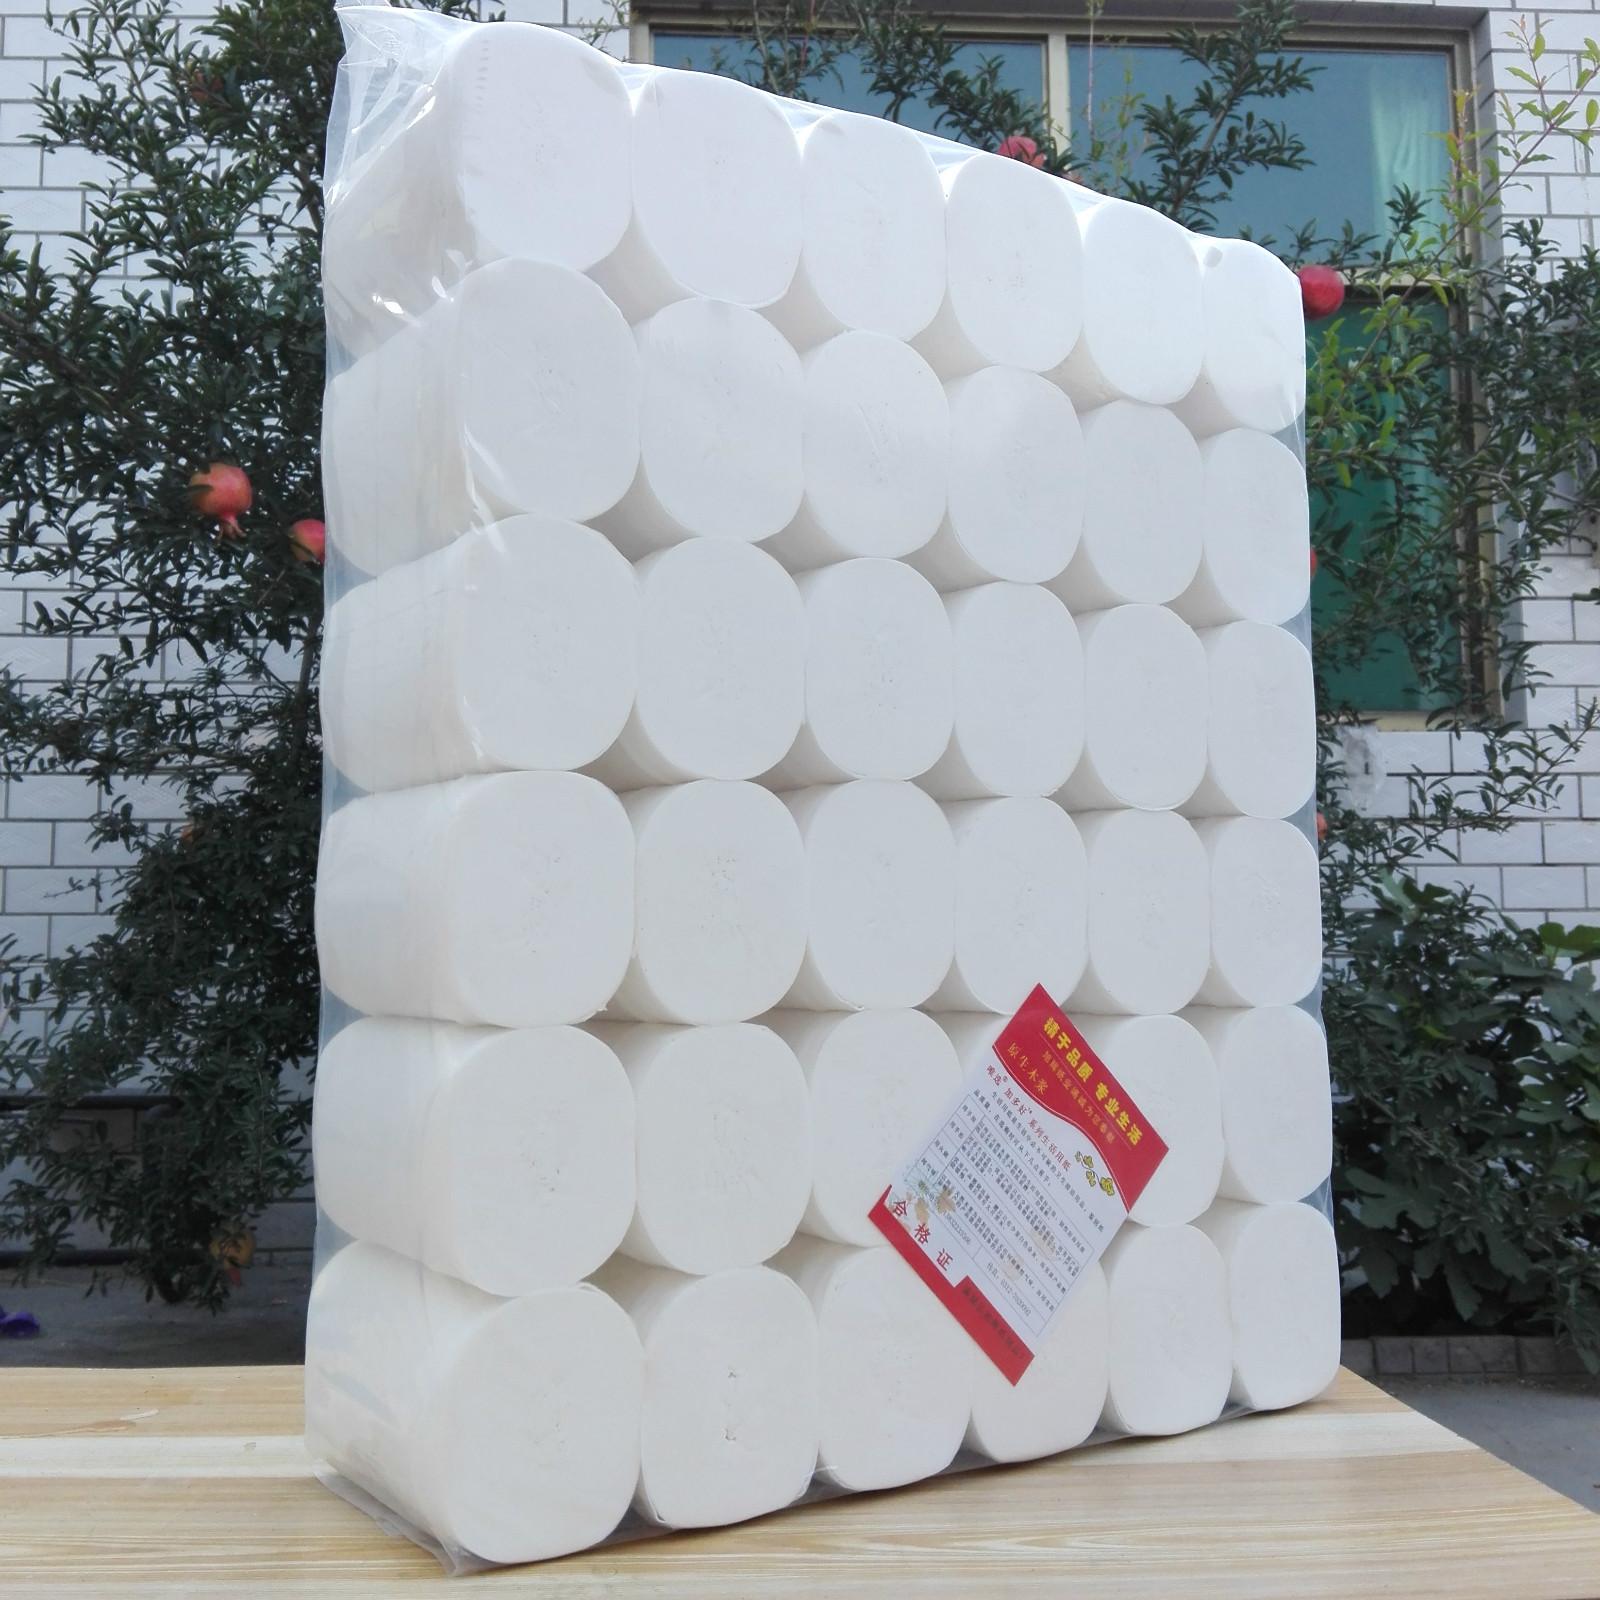 トイレットペーパーメーカーは紙を巻いて5.8斤の販売促進を行います。36巻の女性用の紙パルプティッシュペーパーの巻き取り紙は家庭用のトイレットペーパーに入れて郵送します。